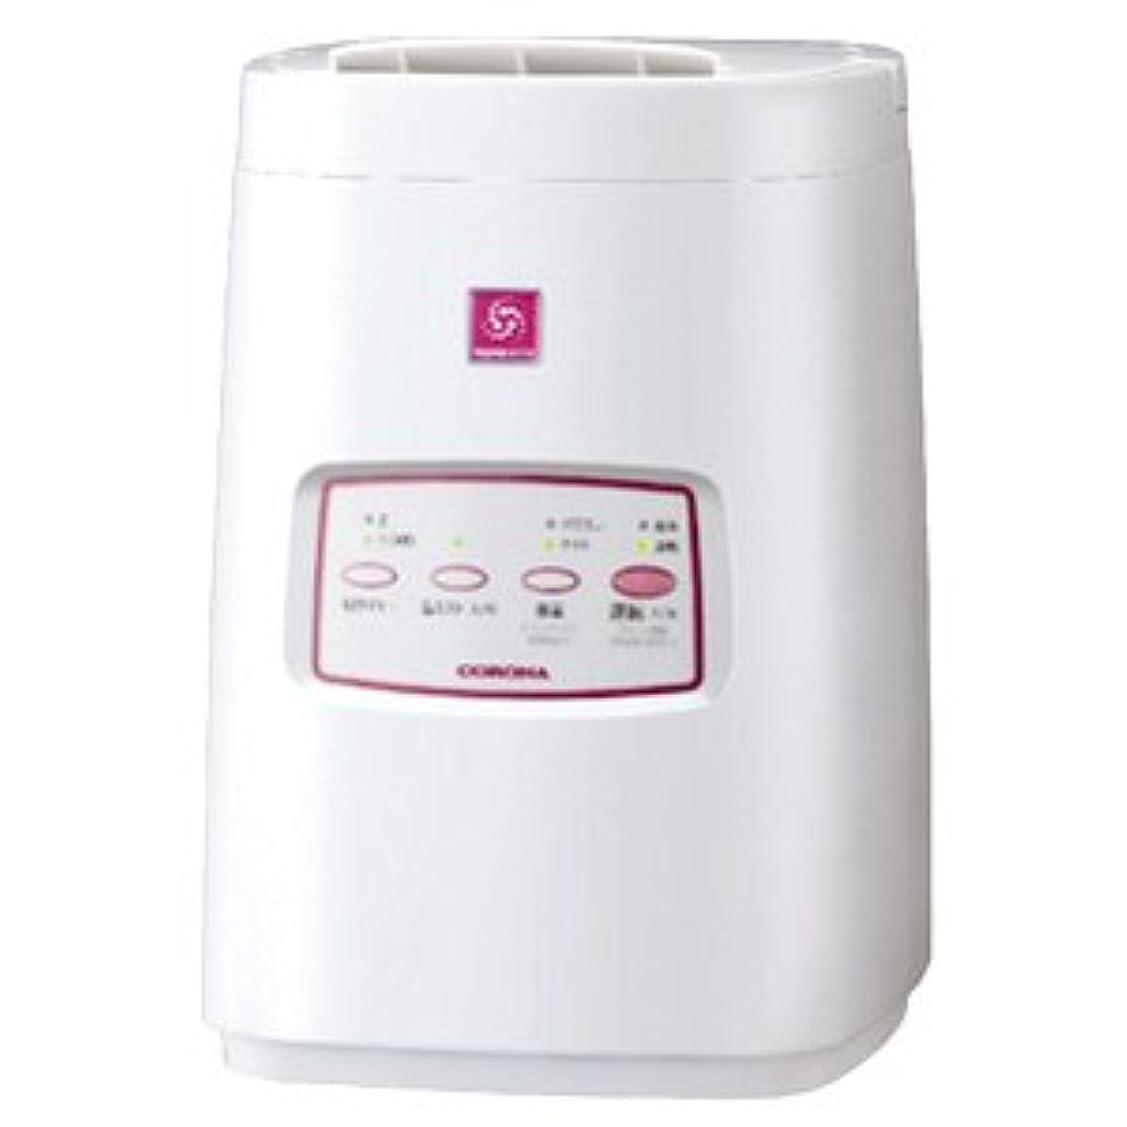 節約する制限された完全に乾く美容保湿器 ナノリフレ(nano refre) CNR-400B